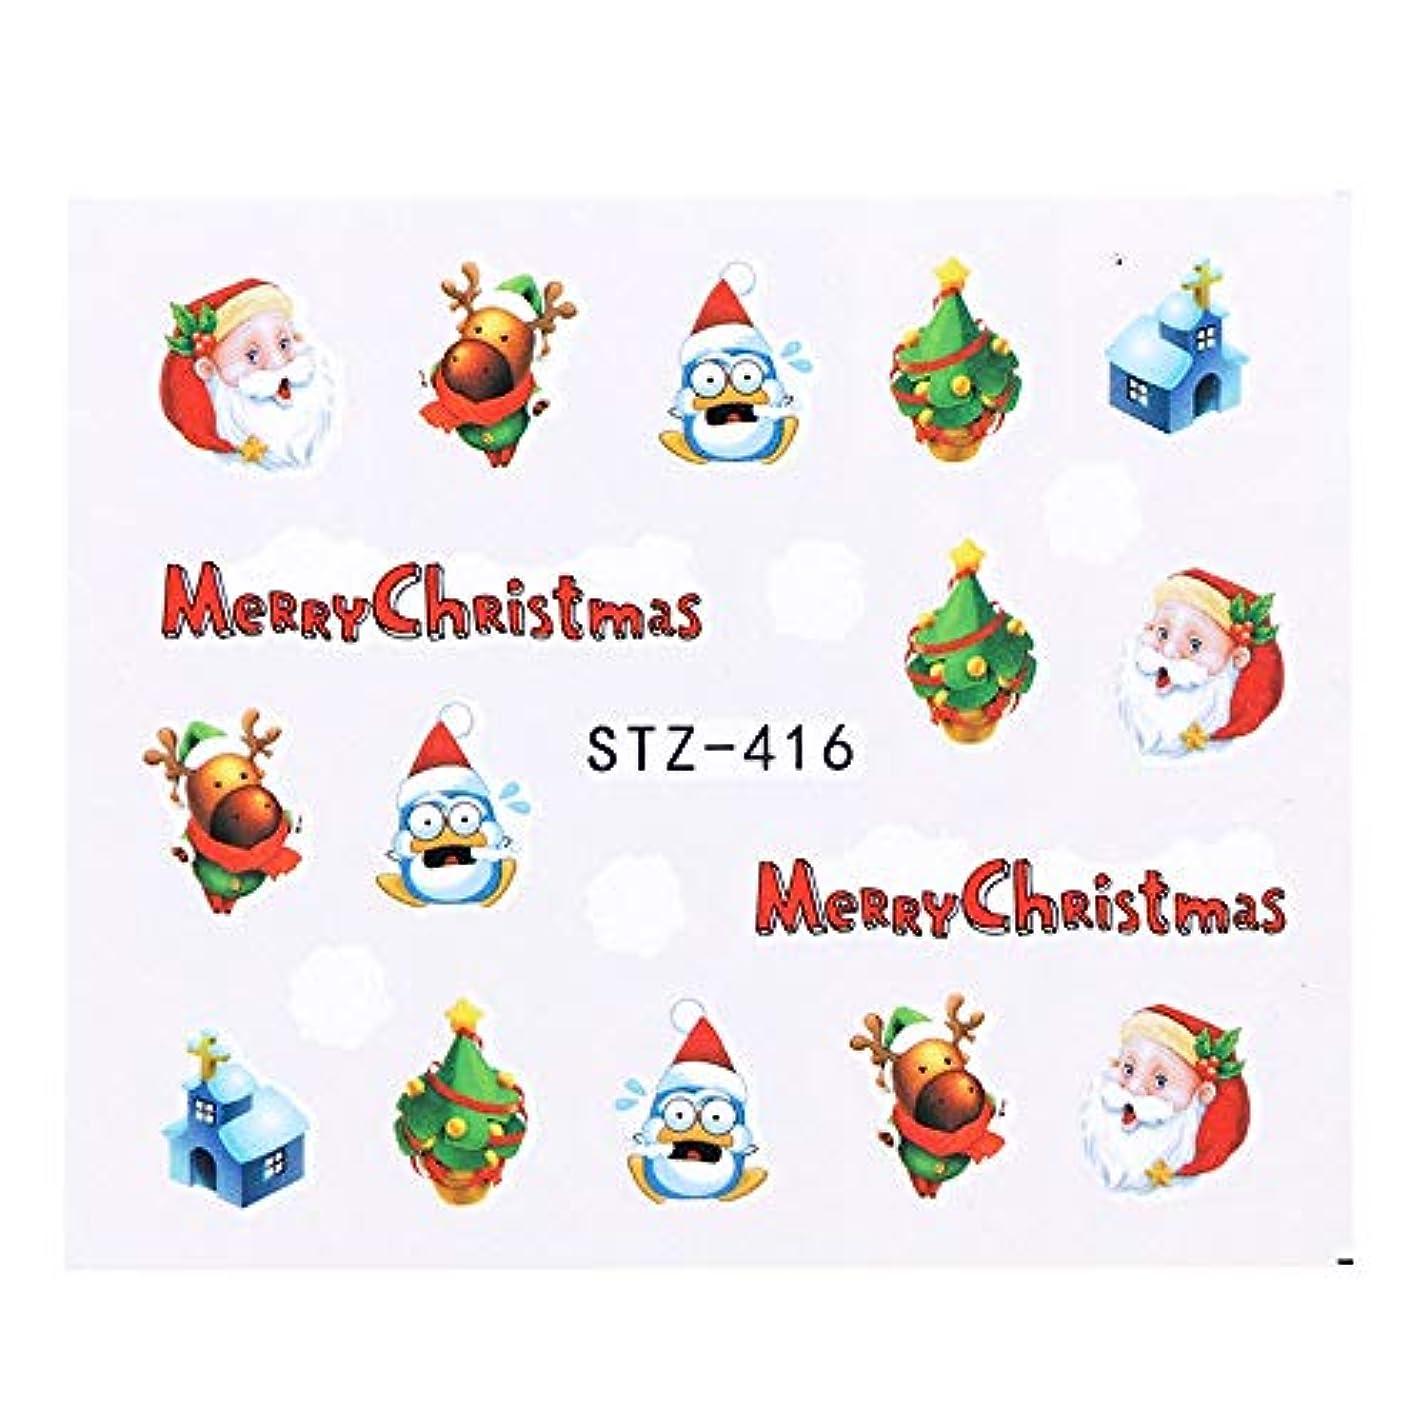 ロープ不信暫定の1シートクリスマスネイルアートウォーターステッカー漫画ヘラジカ雪だるまフルカバースライダーのヒントポーランドゲルジェルネイル装飾SASTZ405-438 STZ416